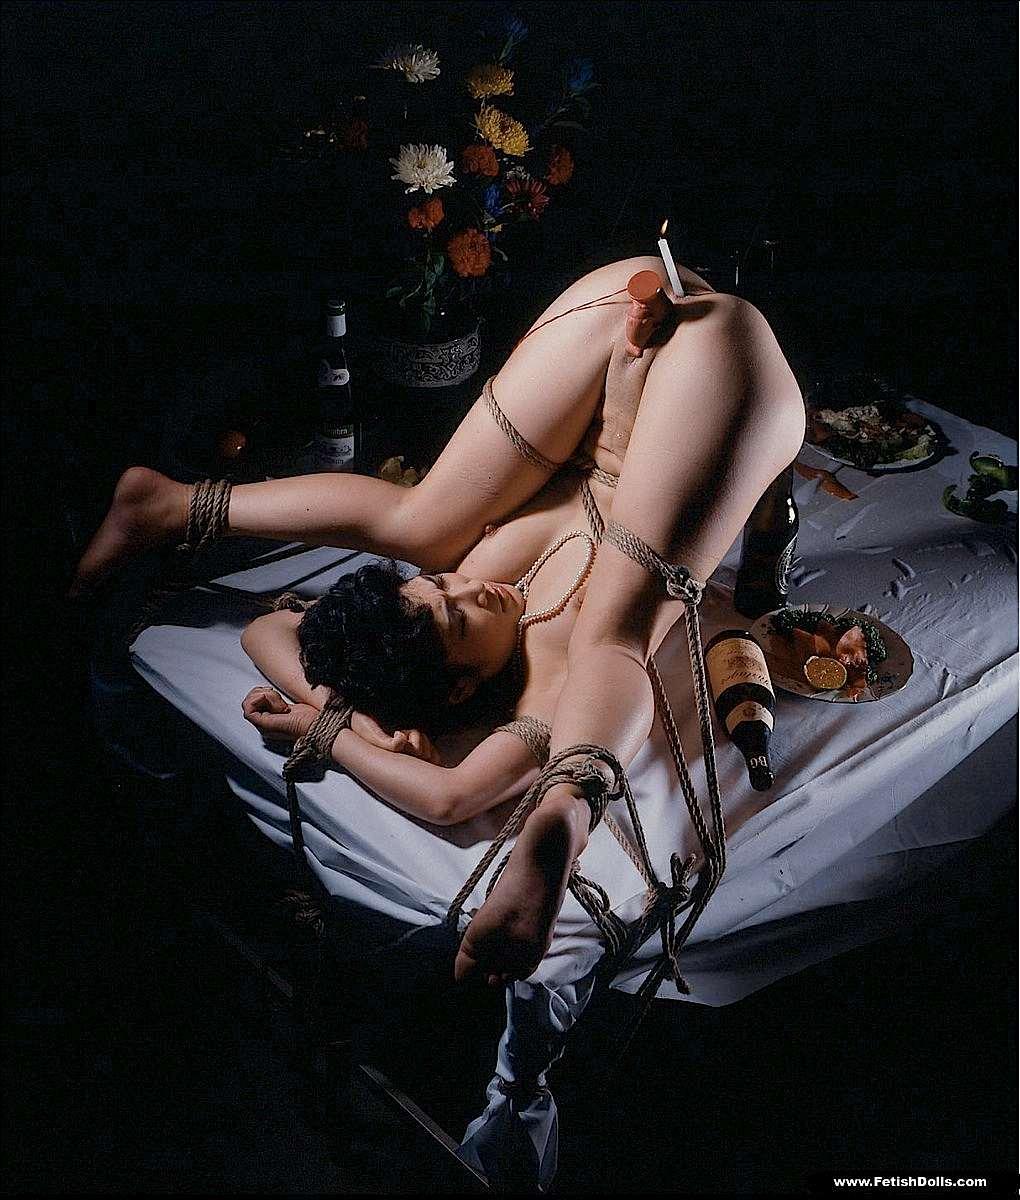 Hot wet lesbian bondage